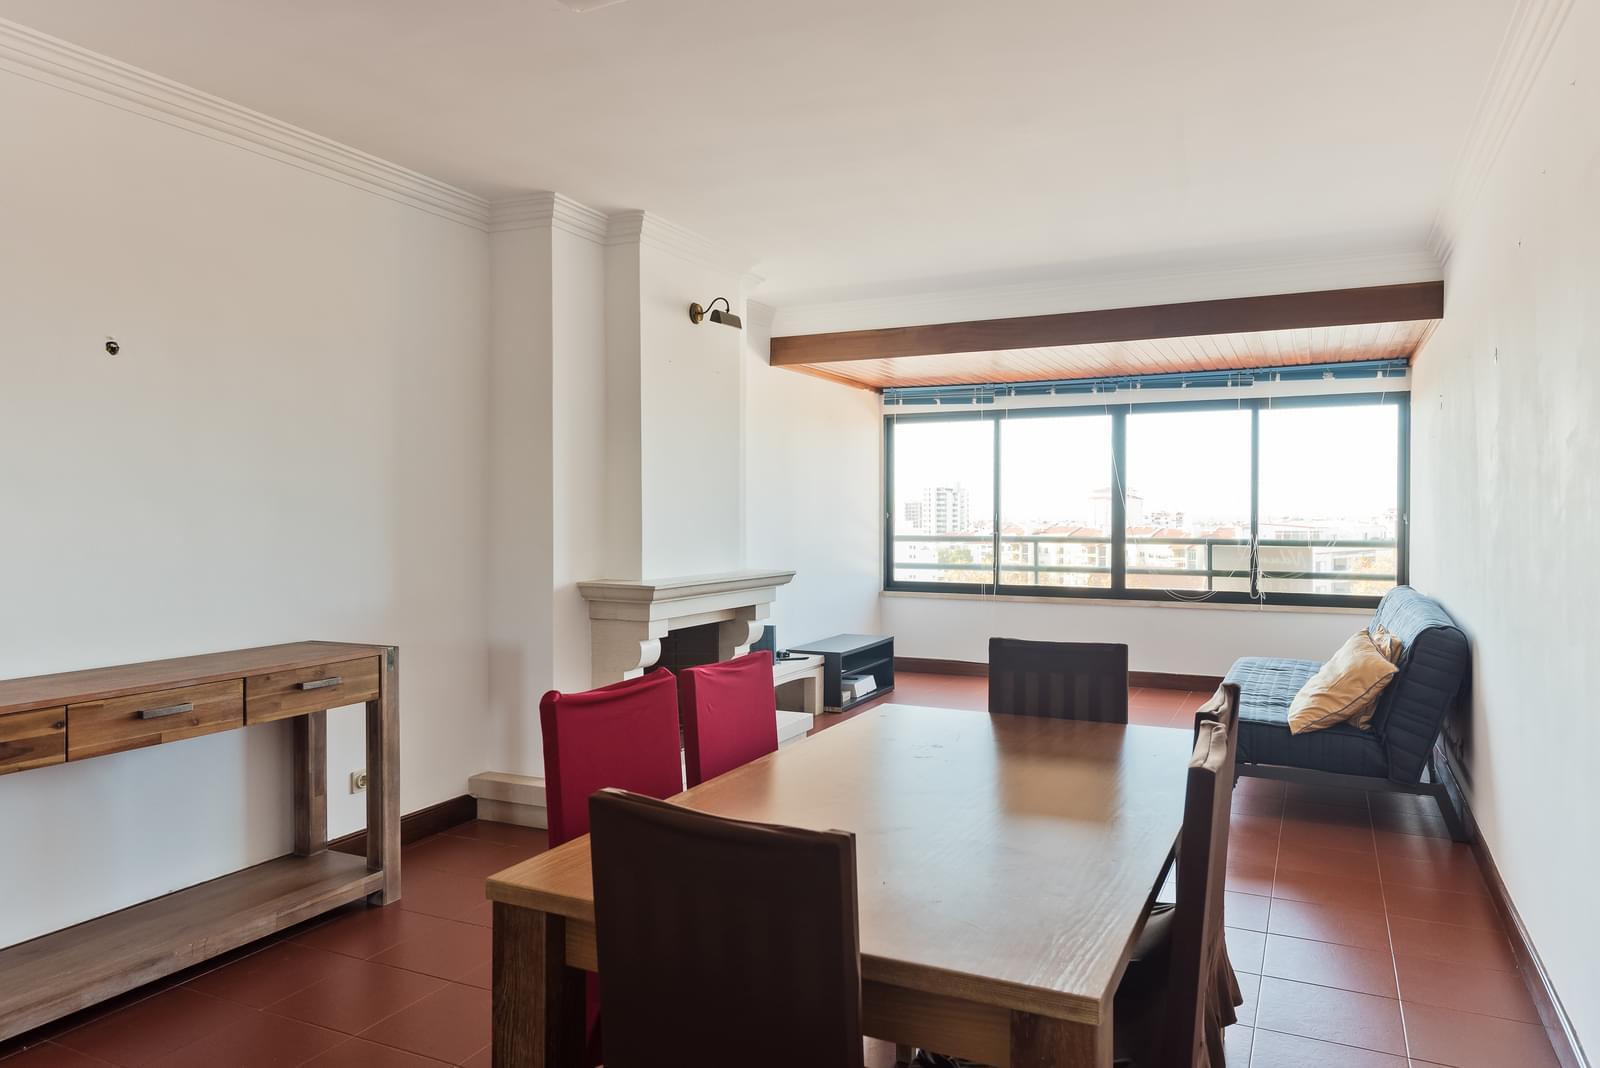 pf18730-apartamento-t2-cascais-16e65f47-4ce0-40c3-960f-7cb6cd1a0637